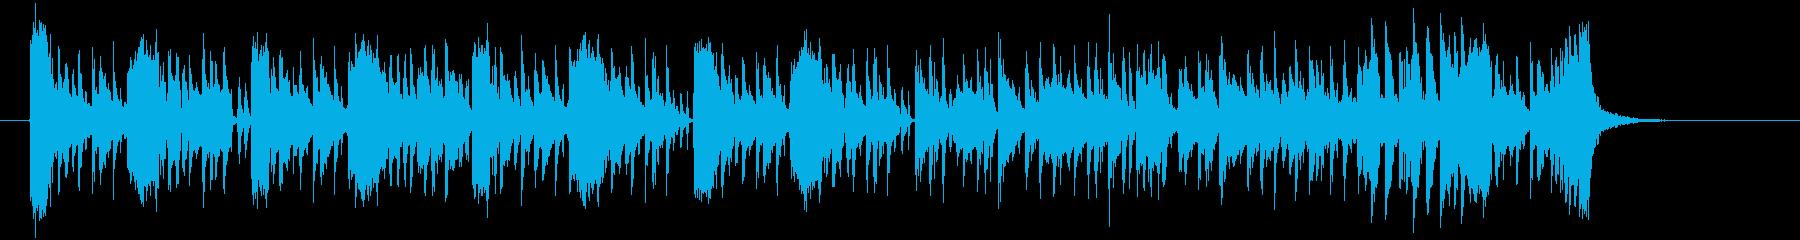 明るくキャッチーなシンセテクノ短めの再生済みの波形